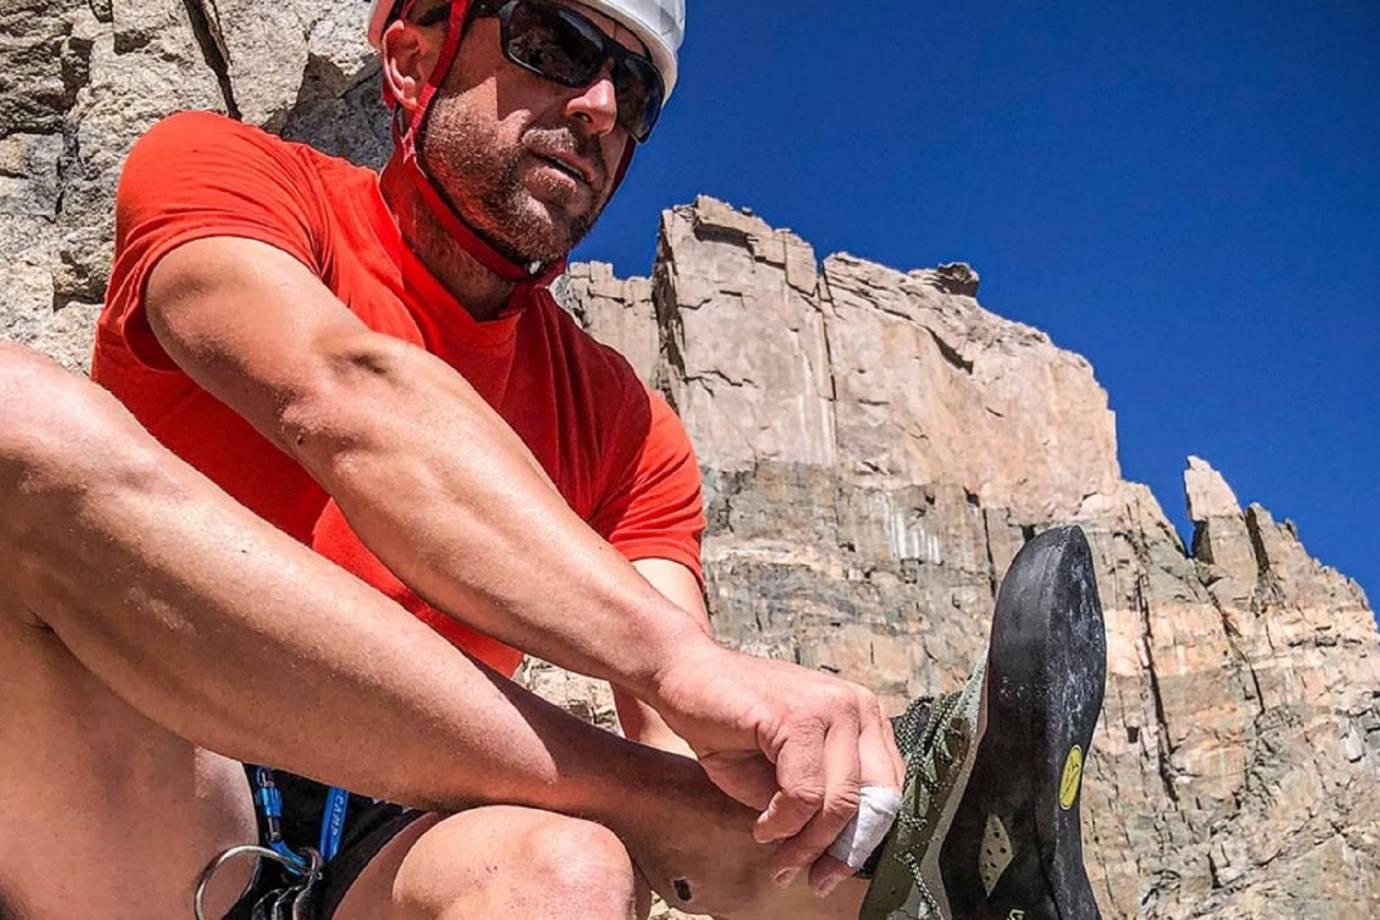 maury birdwell gears up for the Longs Peak FKT